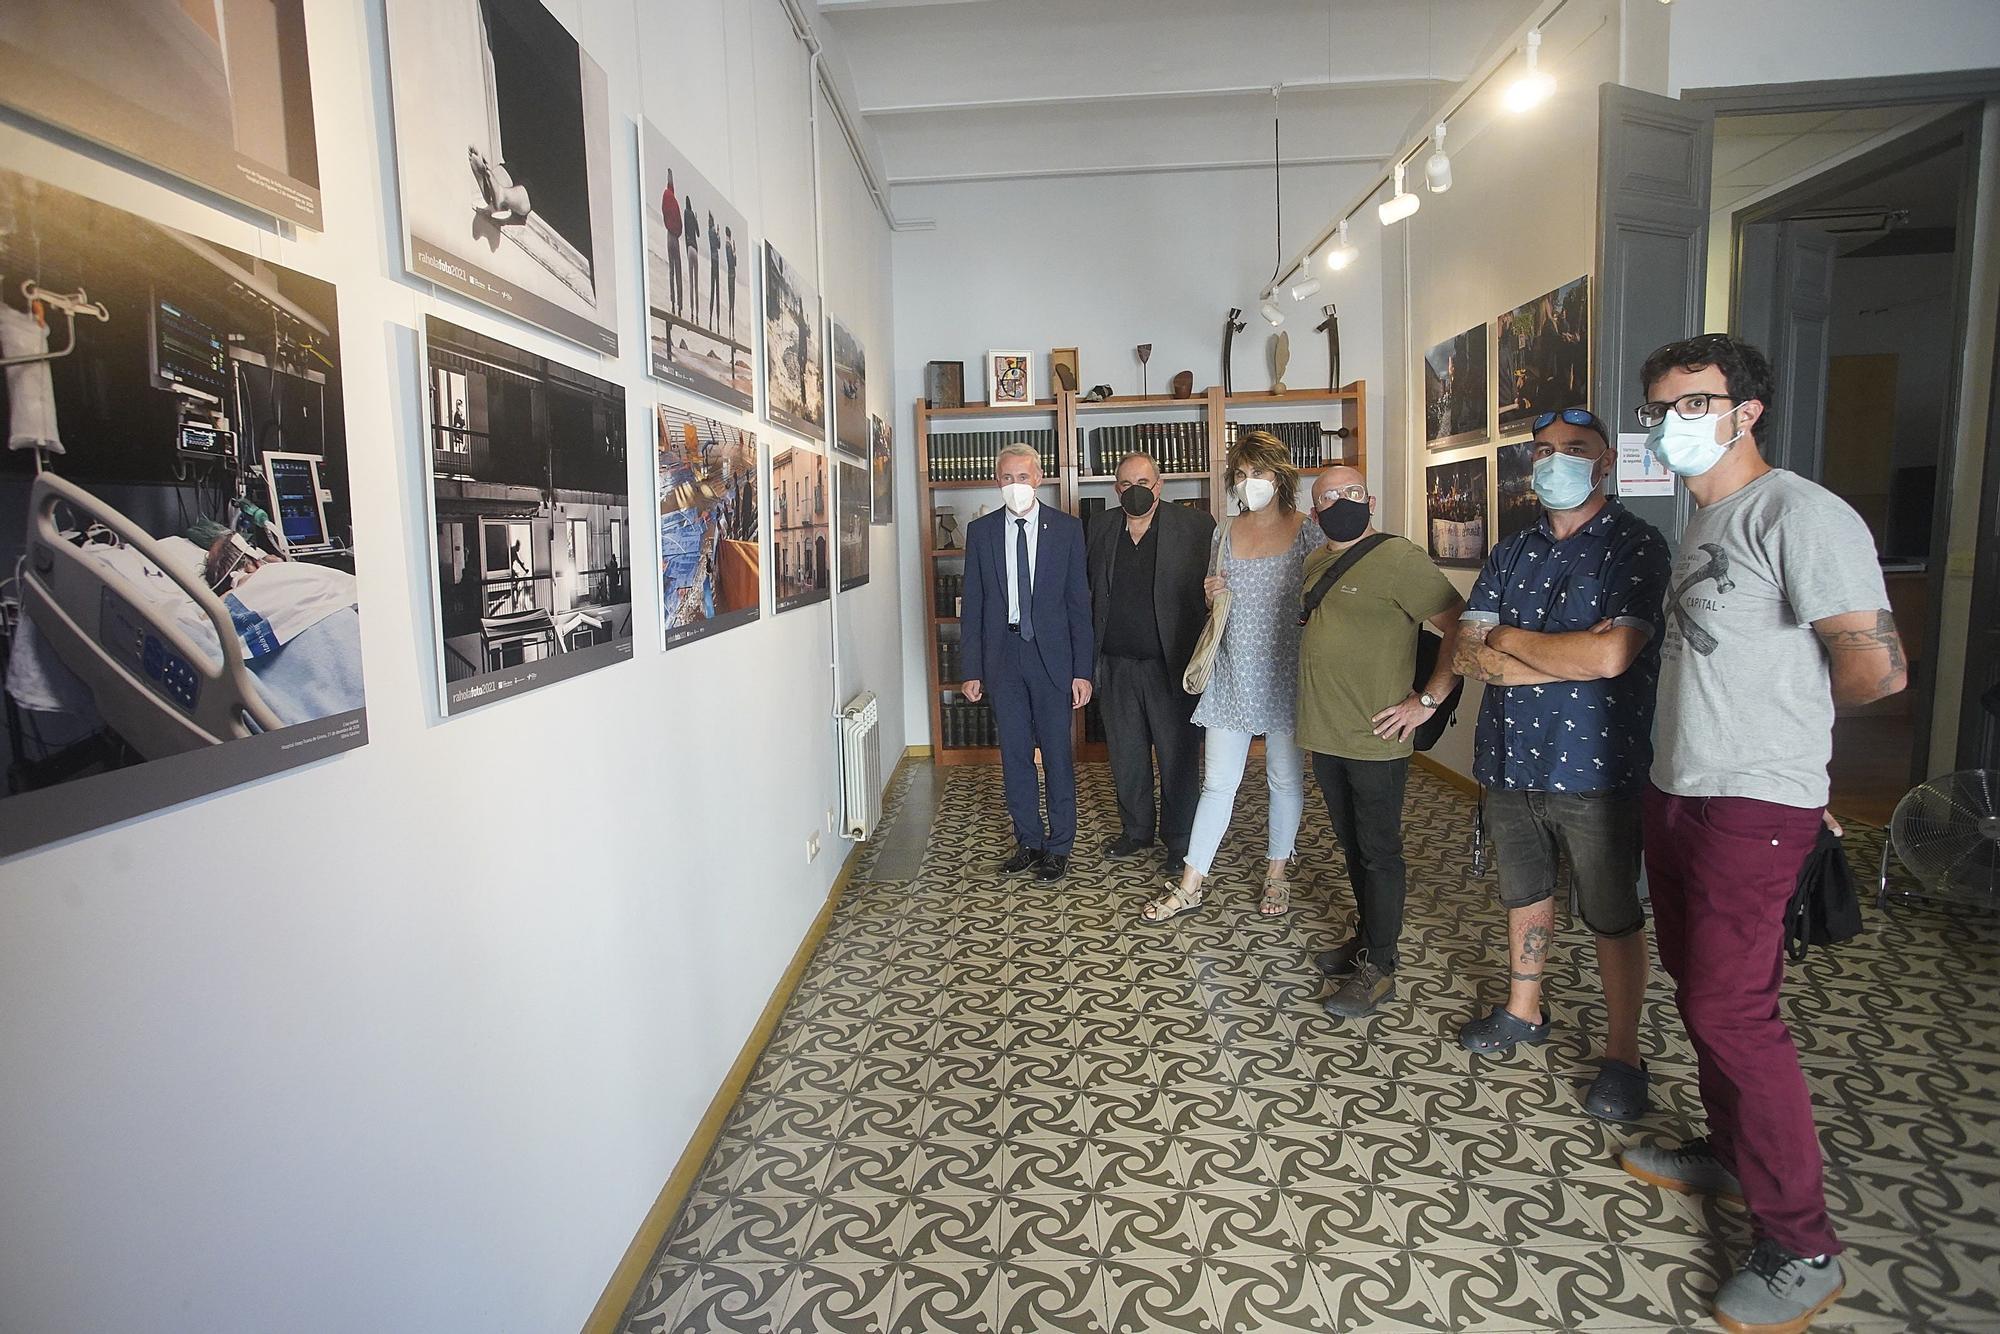 La cara més (in)humana de la pandèmia protagonitza l'exposició Rahola Foto 2021